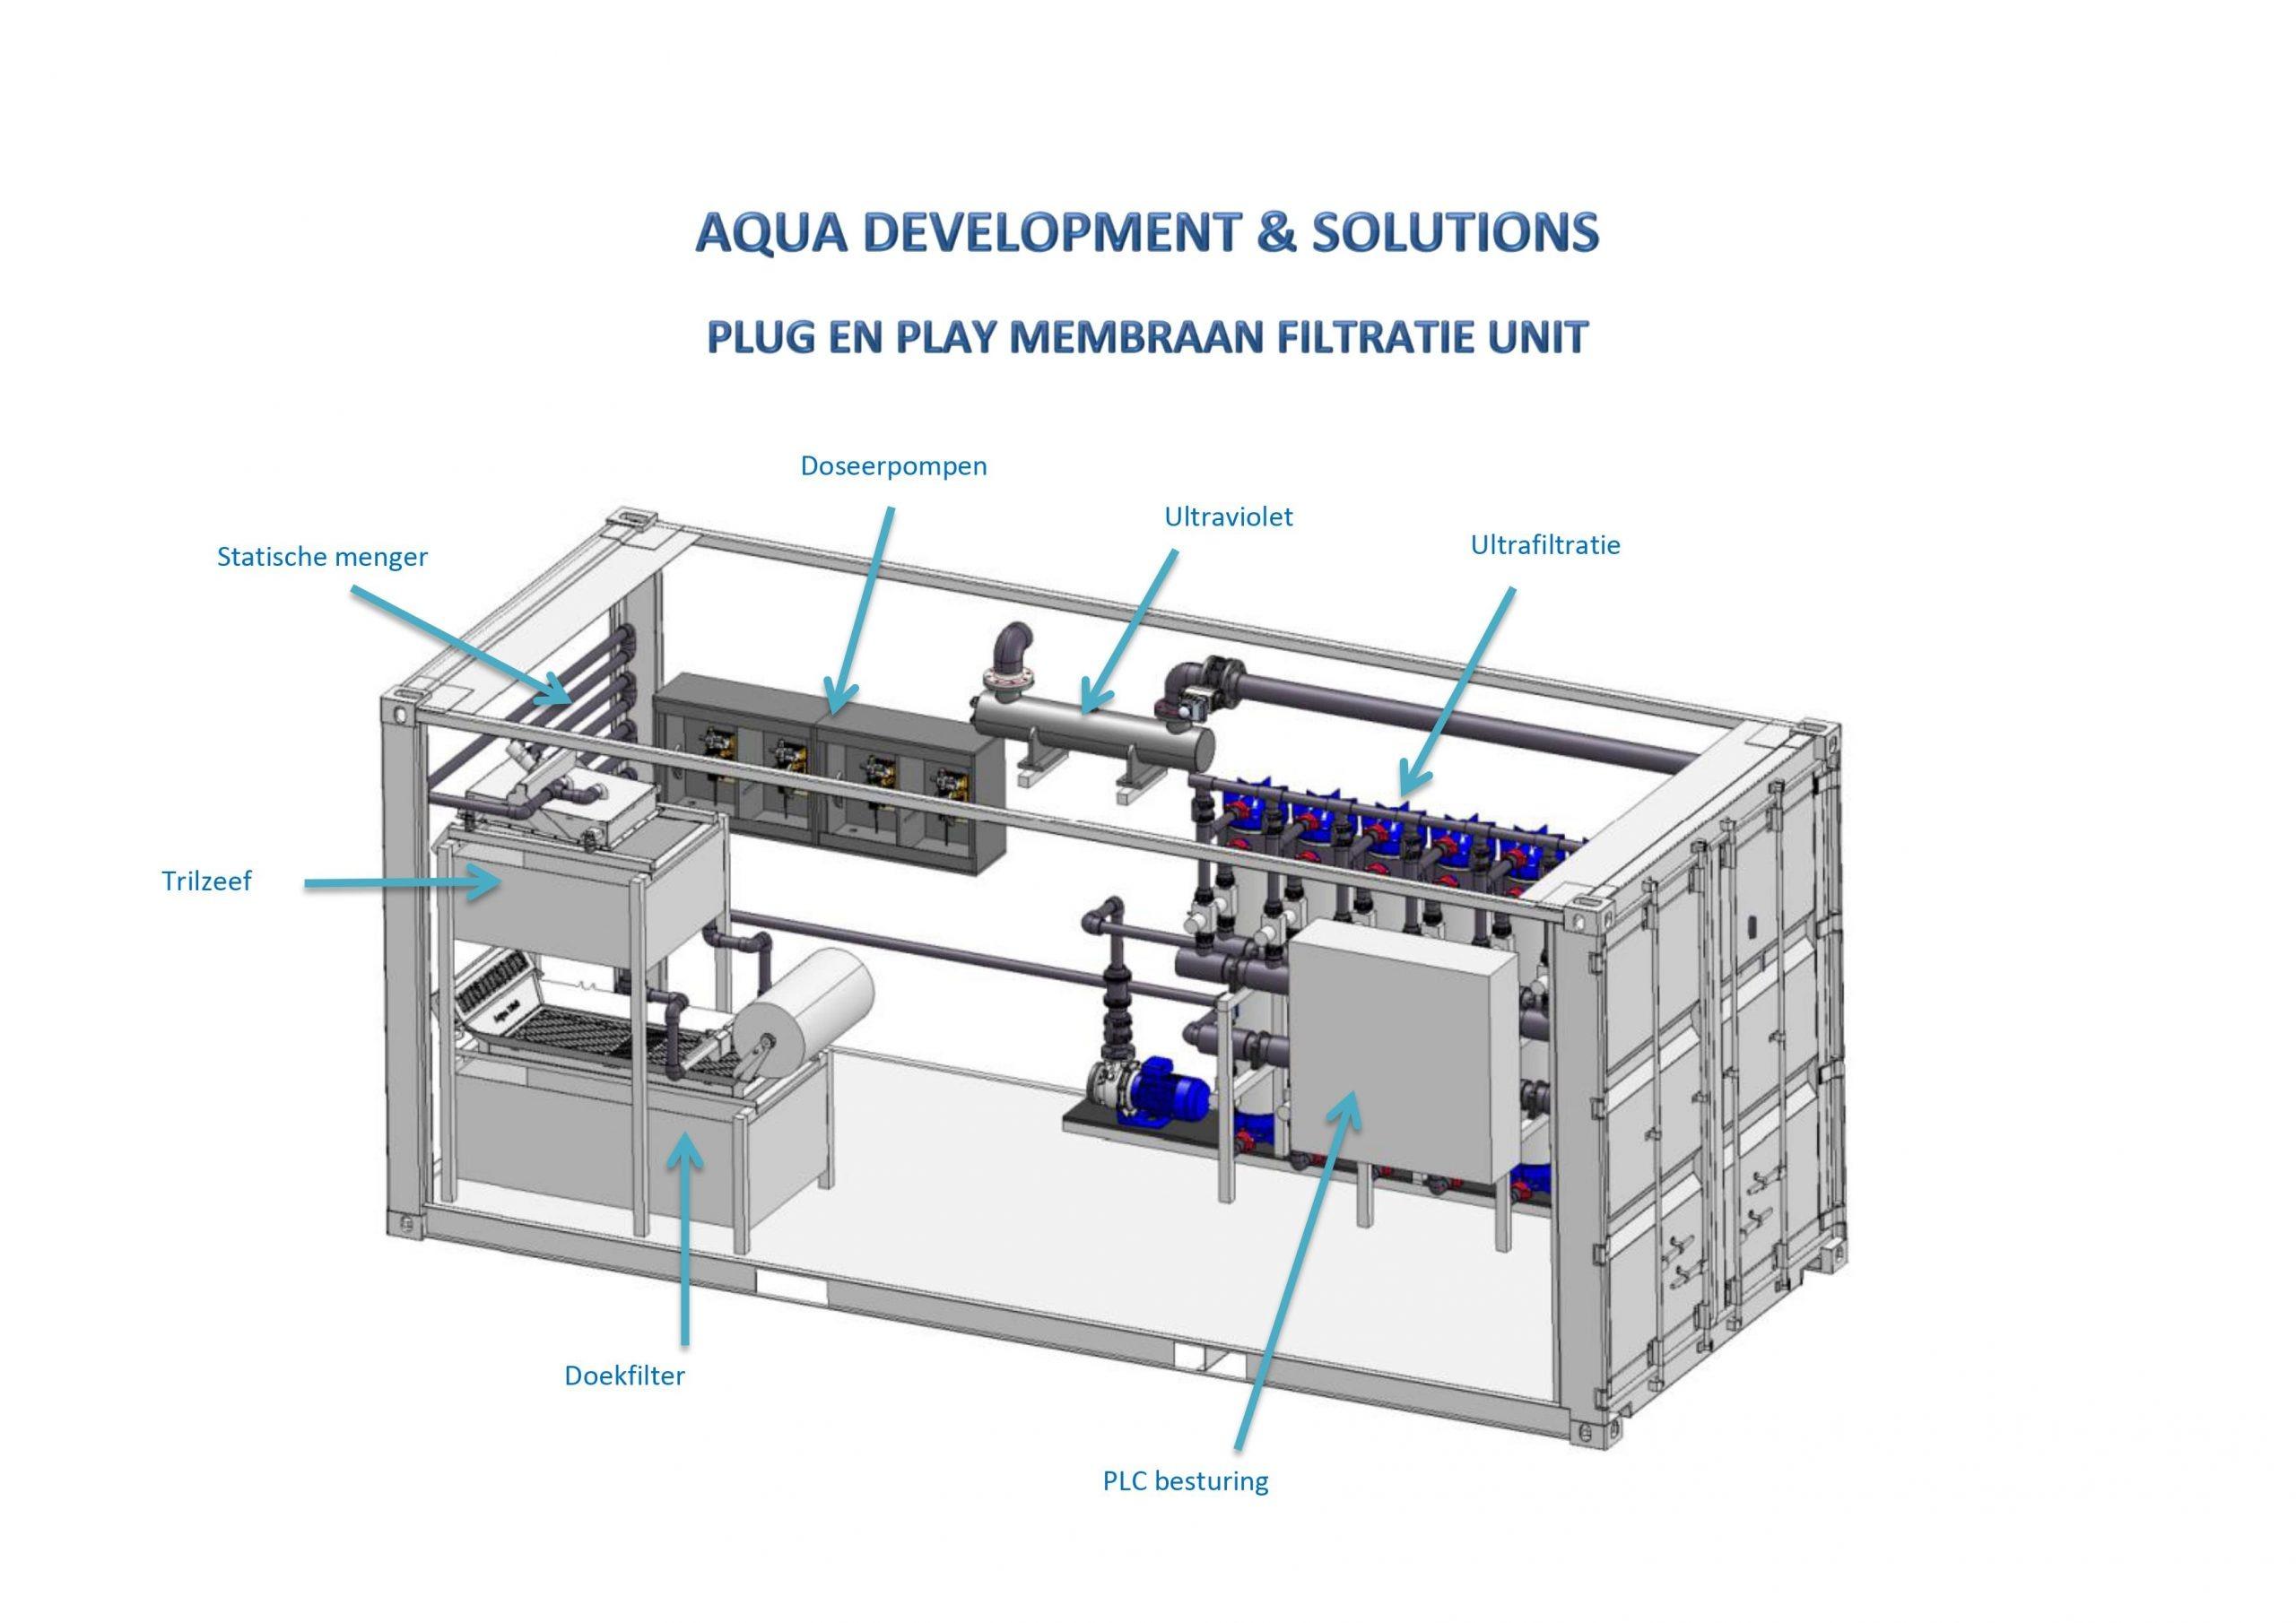 Binnenkijken in Plug & Play membraan filtratie unit